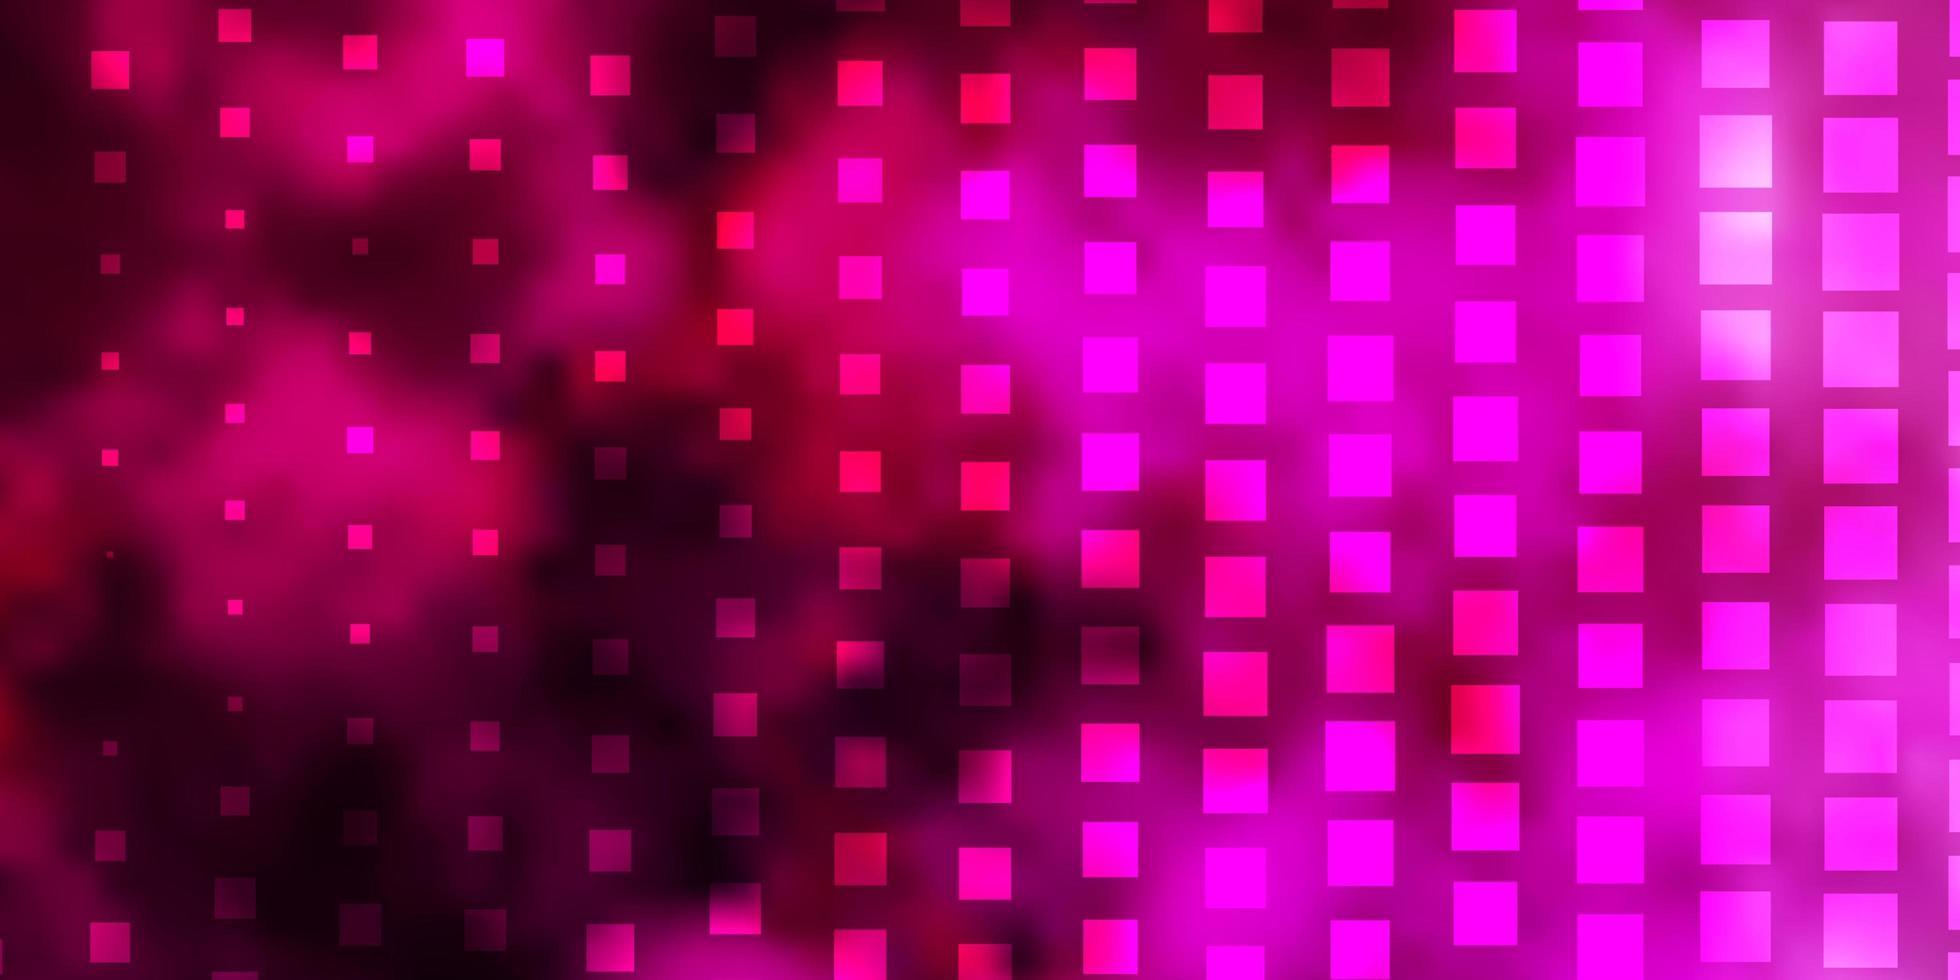 sfondo rosa scuro con rettangoli. vettore